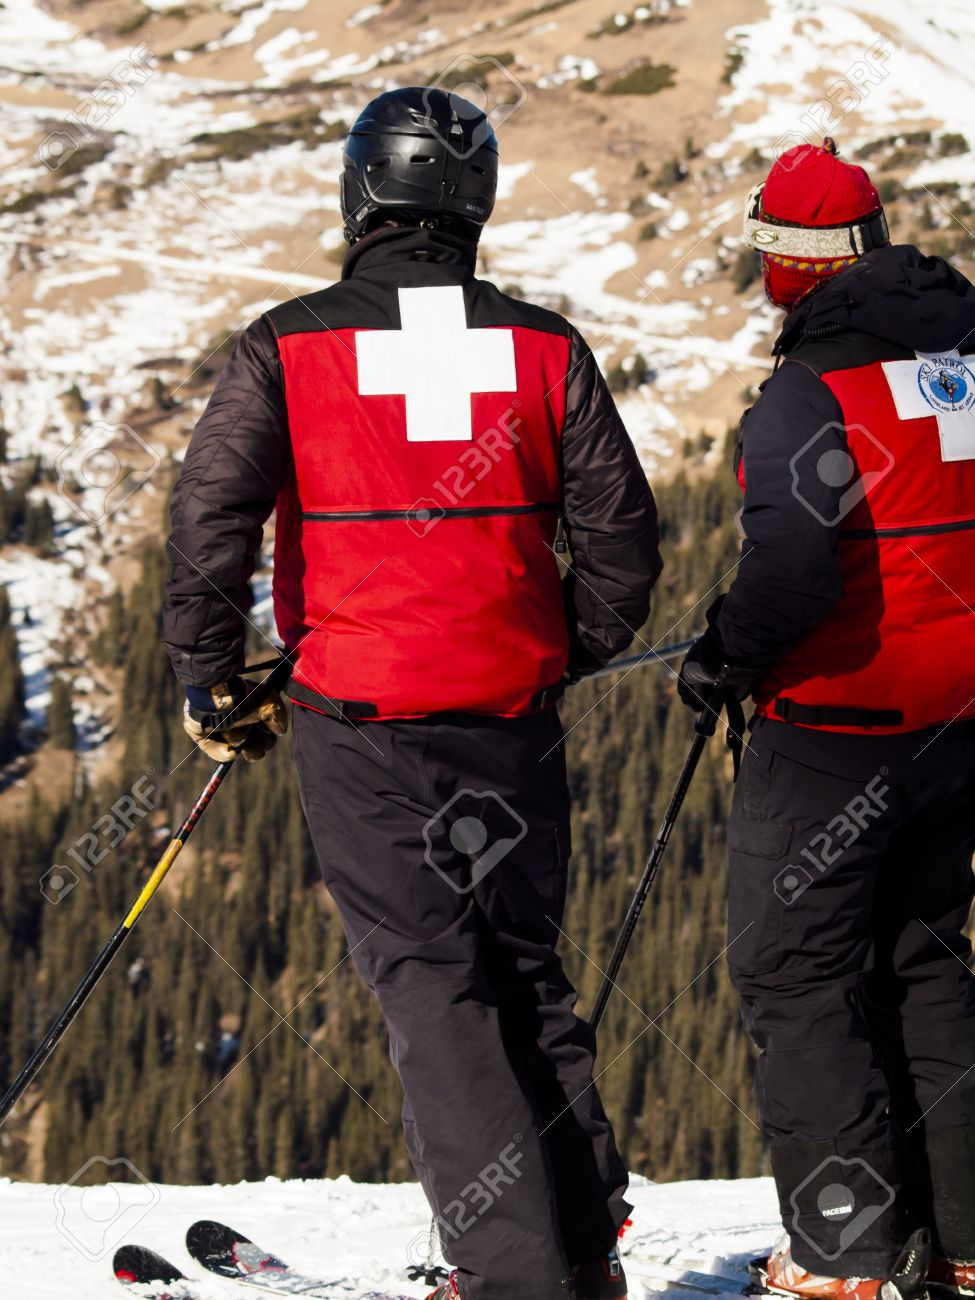 ski patrol in red